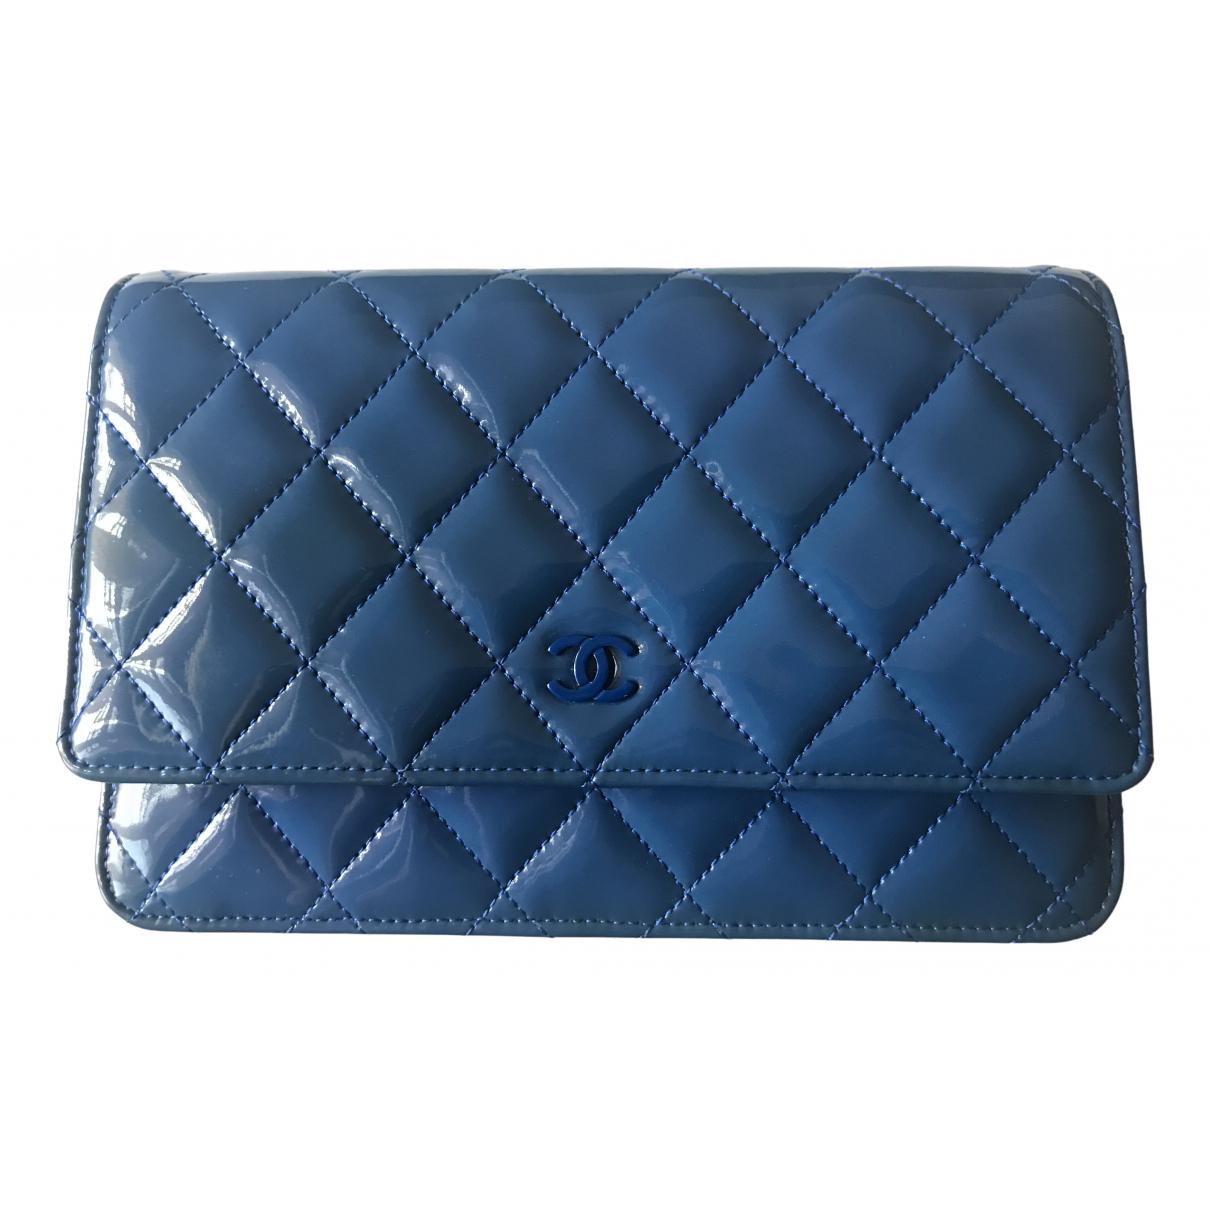 Pochette Wallet on Chain de Charol Chanel